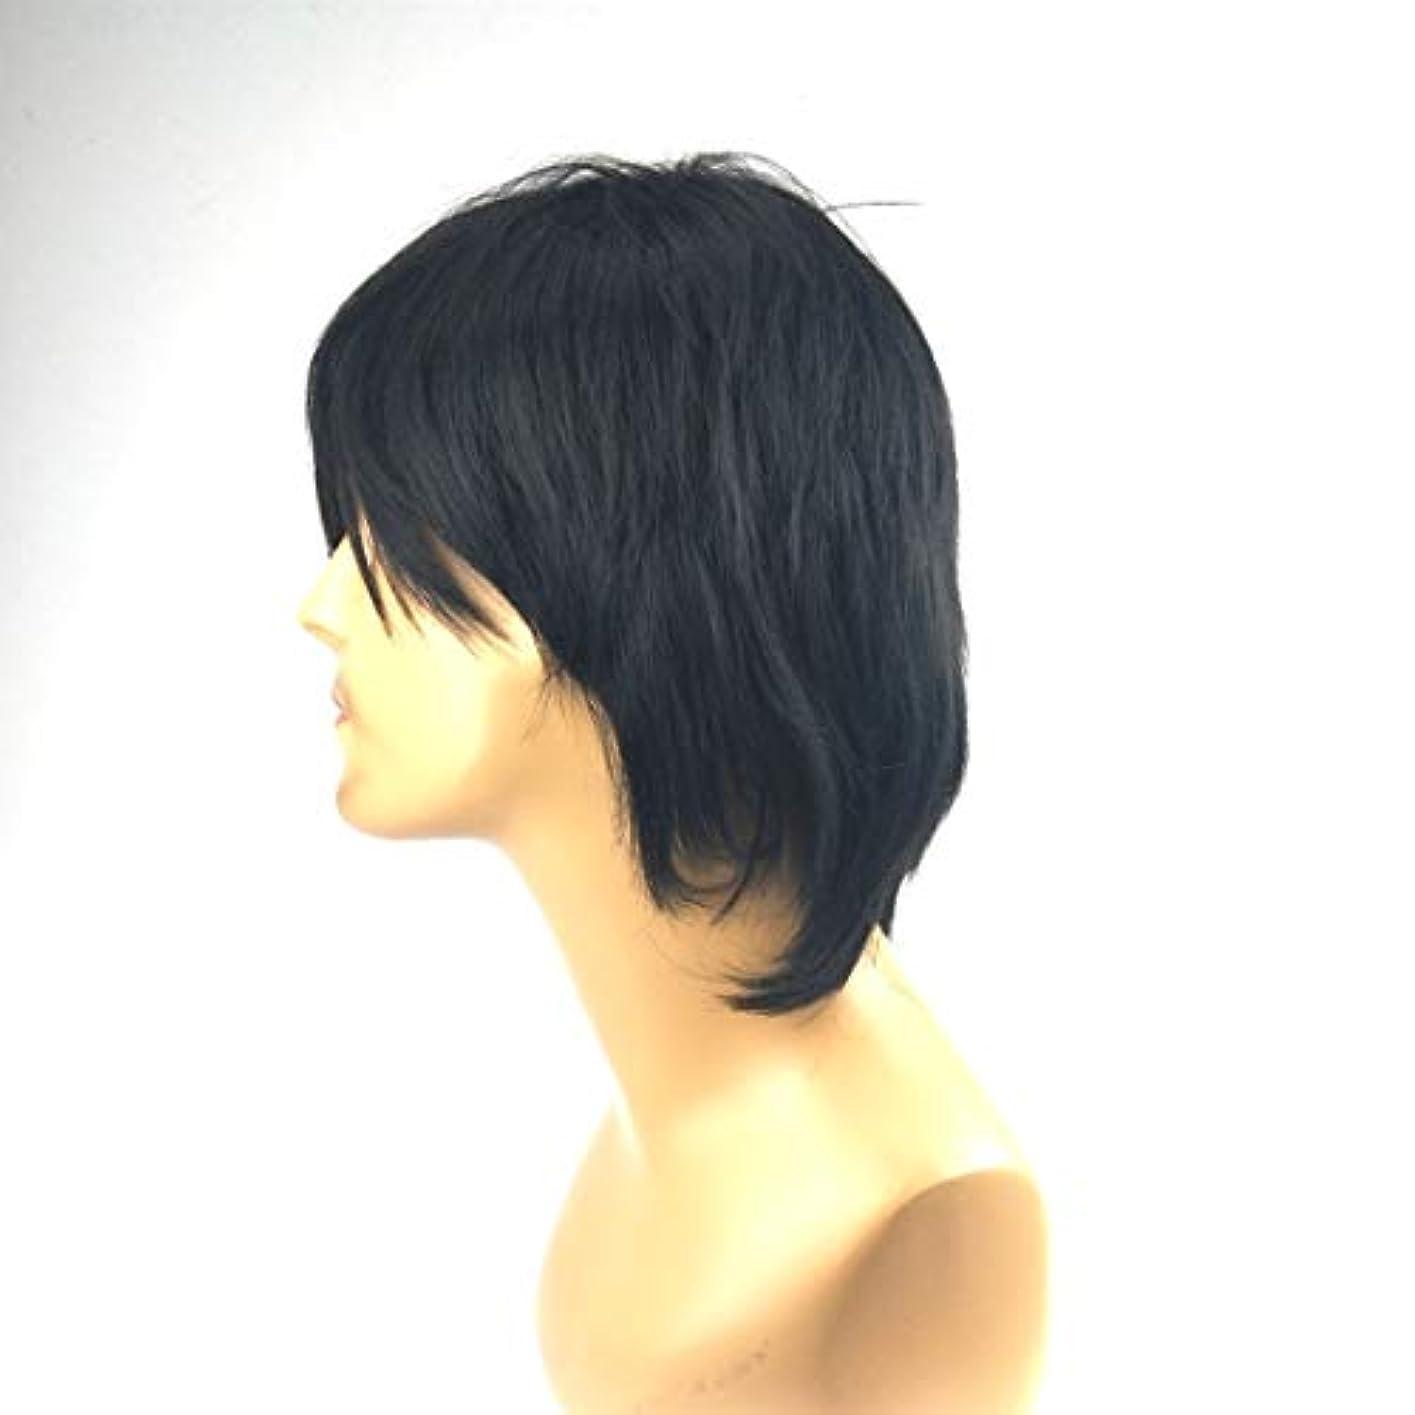 エスカレーター唯物論操作Kerwinner 斜め前髪付きメンズショートストレートヘアシルクケミカルファイバーウィッグ